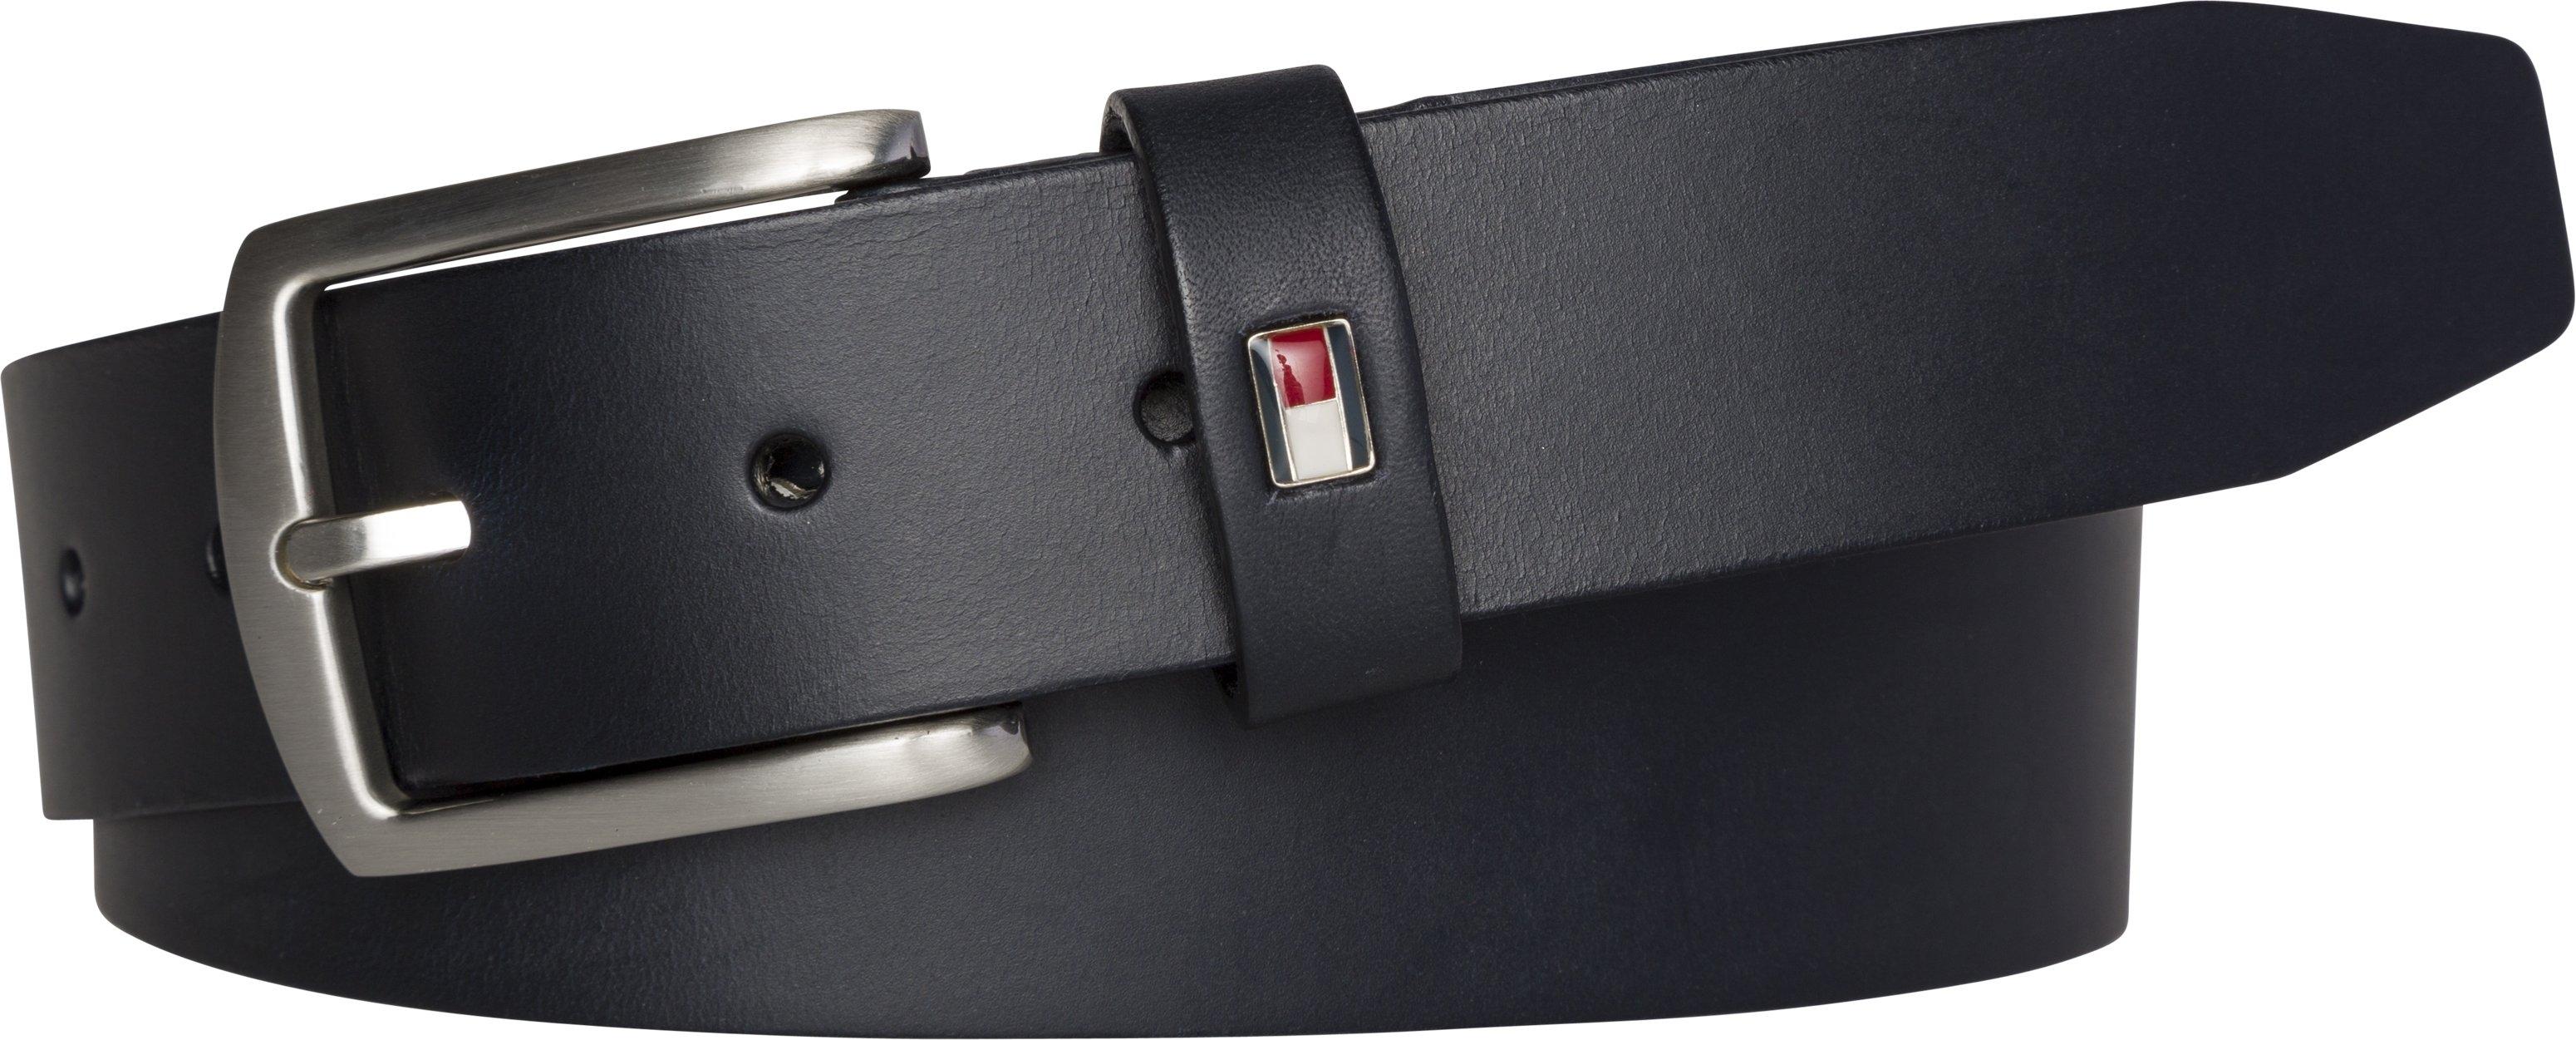 TOMMY HILFIGER leren riem »NEW DENTON 3.5 BELT« voordelig en veilig online kopen